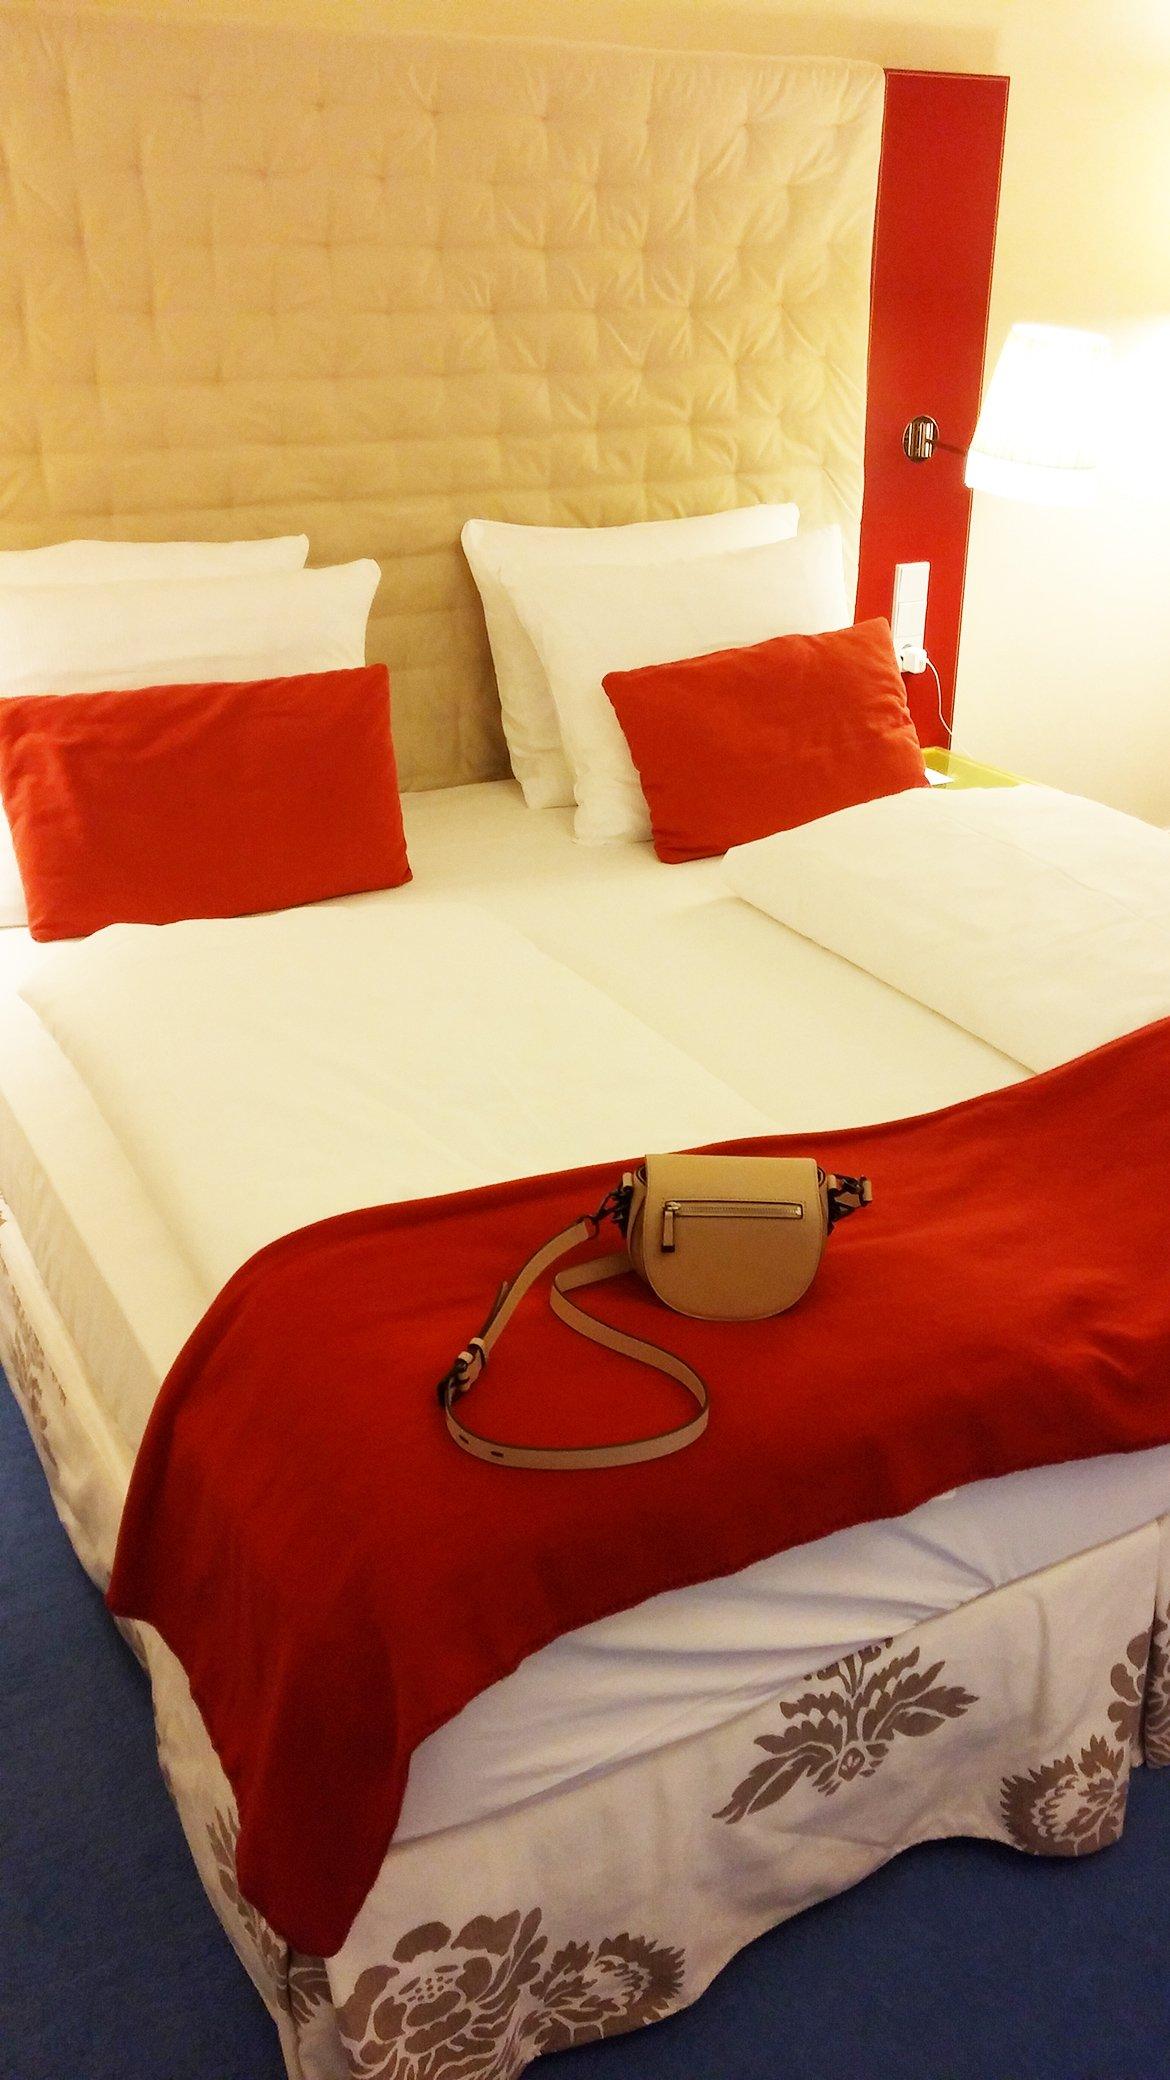 wunderbares, weiches Bett - Rot und weiß...